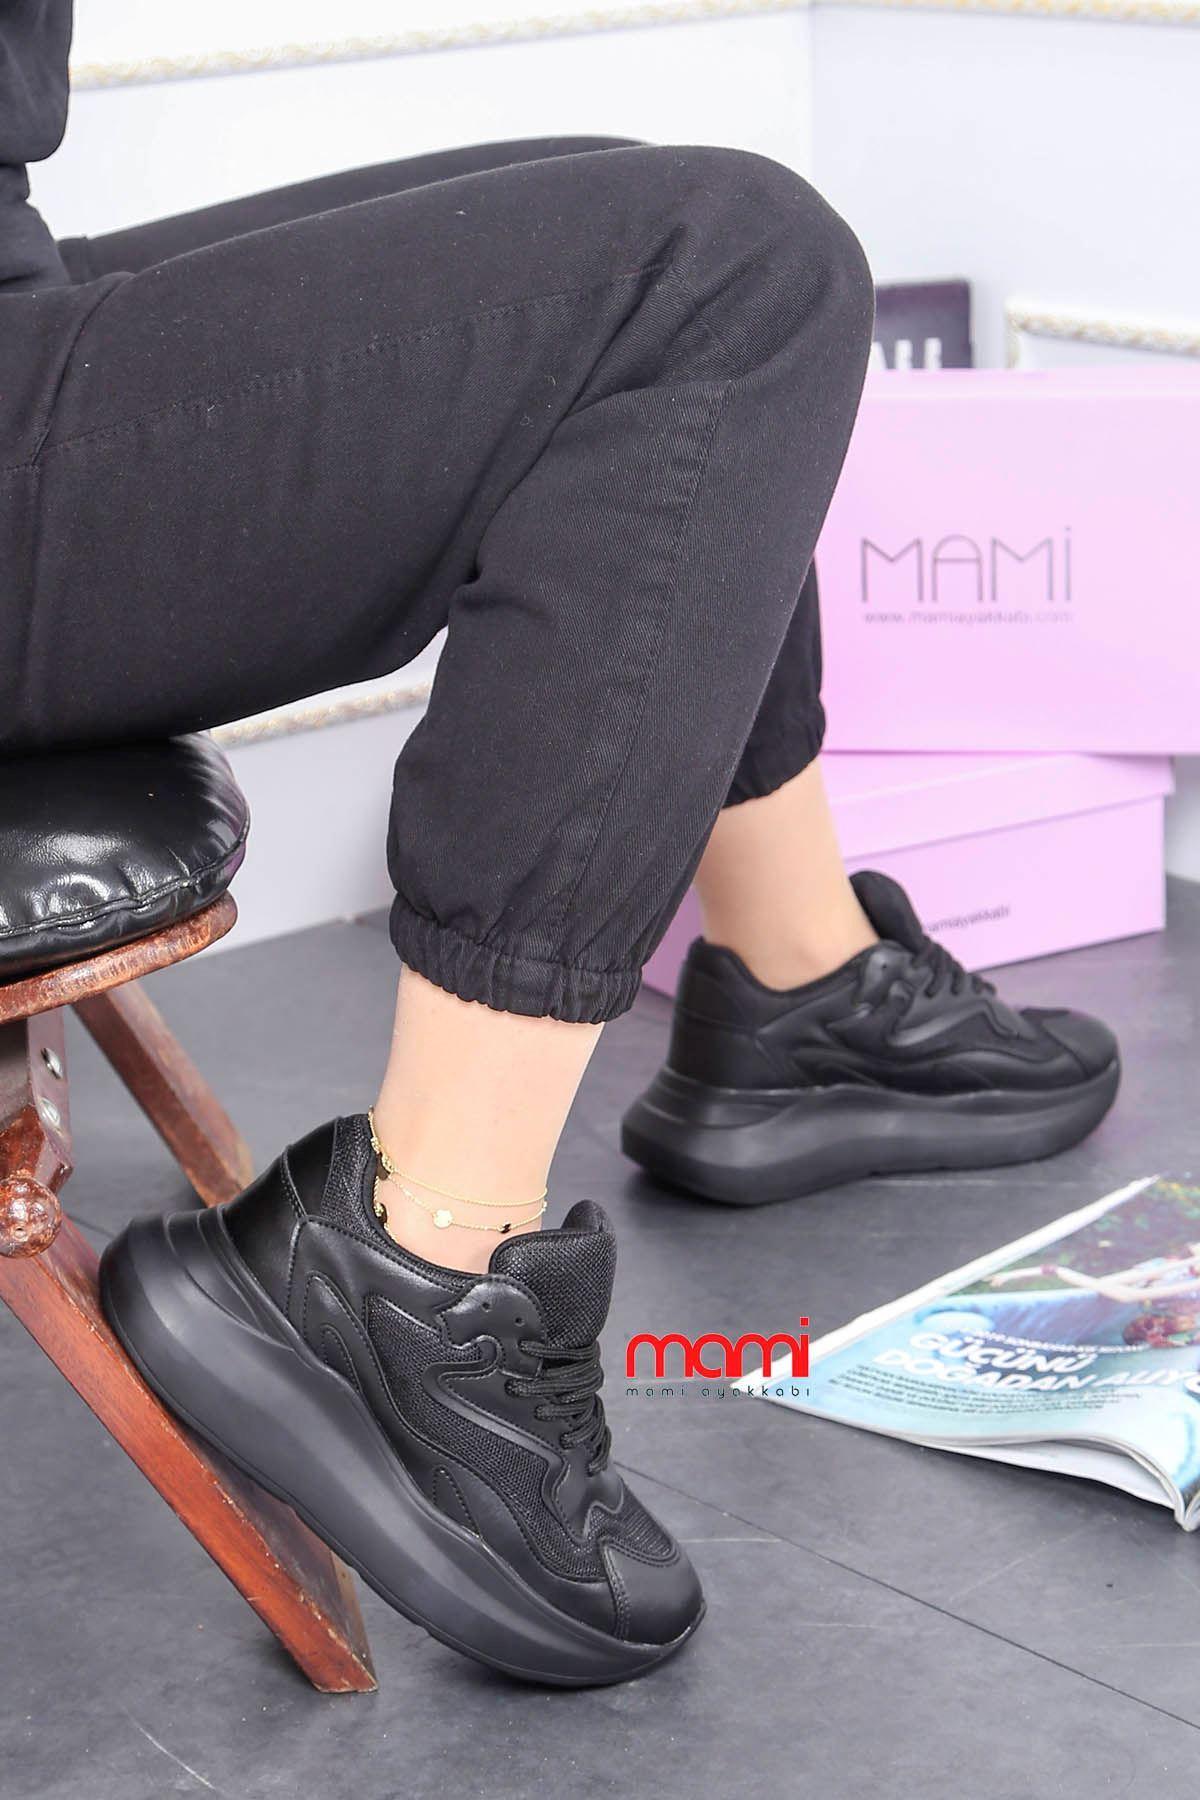 Mrt-700 Spor Ayakkabı Balon Taban Siyah Deri